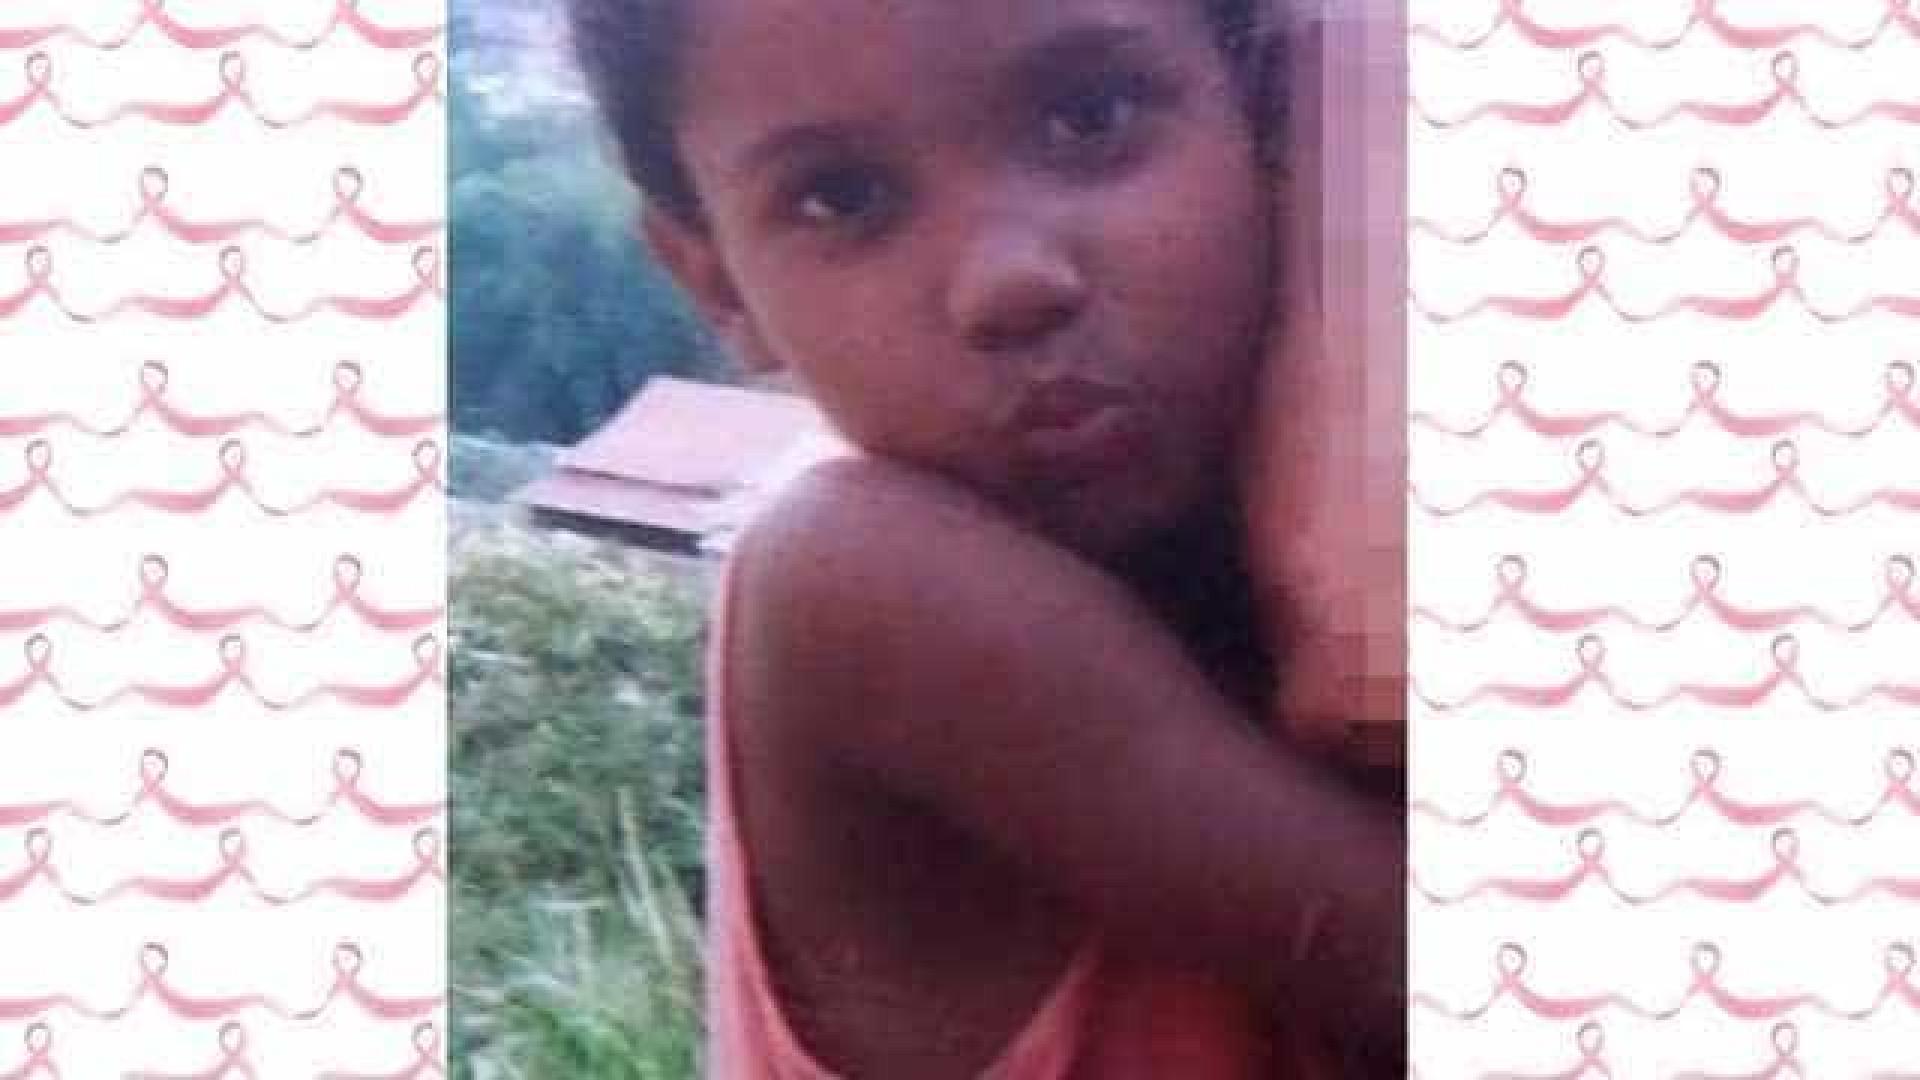 Família diz que menina foi raptada de casa e estuprada em Be